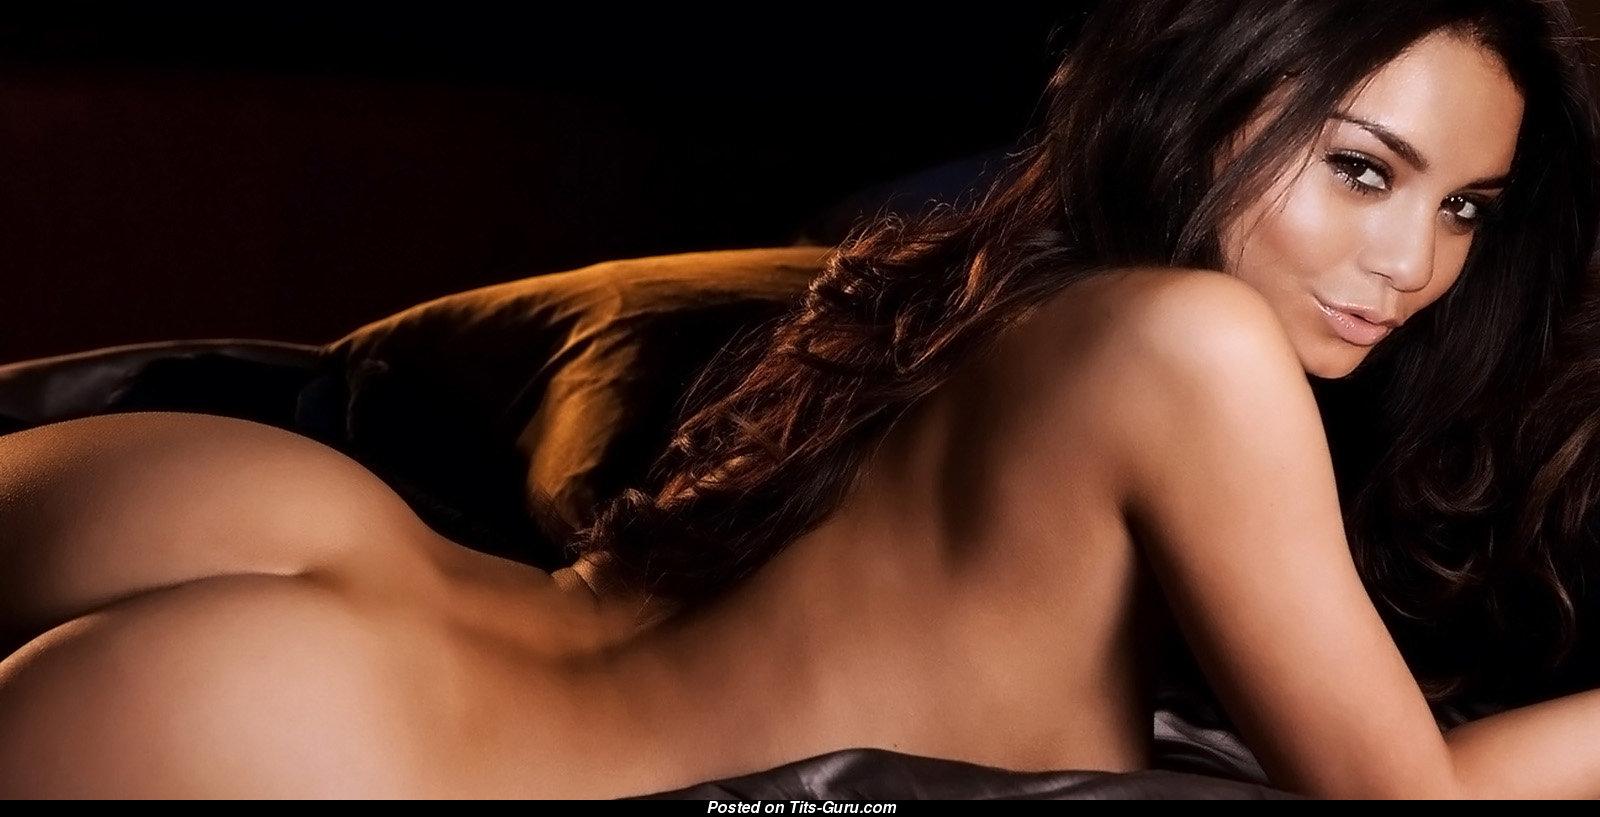 Nude striper girl pics